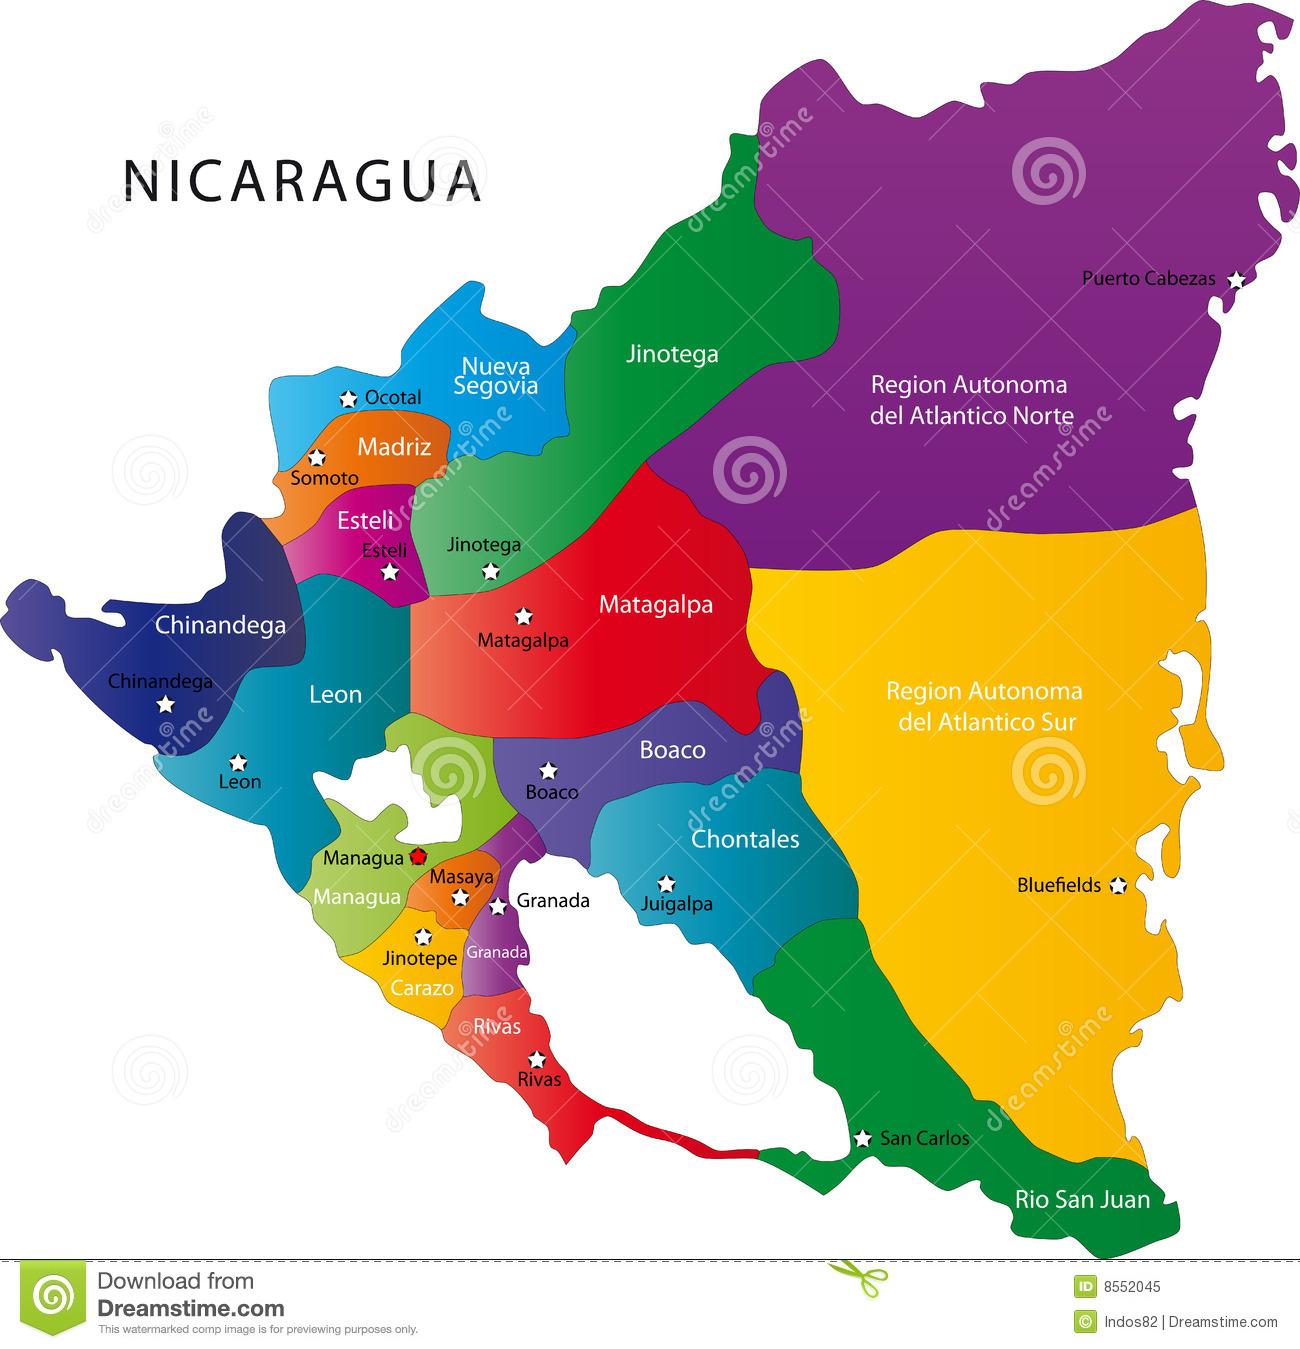 Nicaragua clipart #5, Download drawings